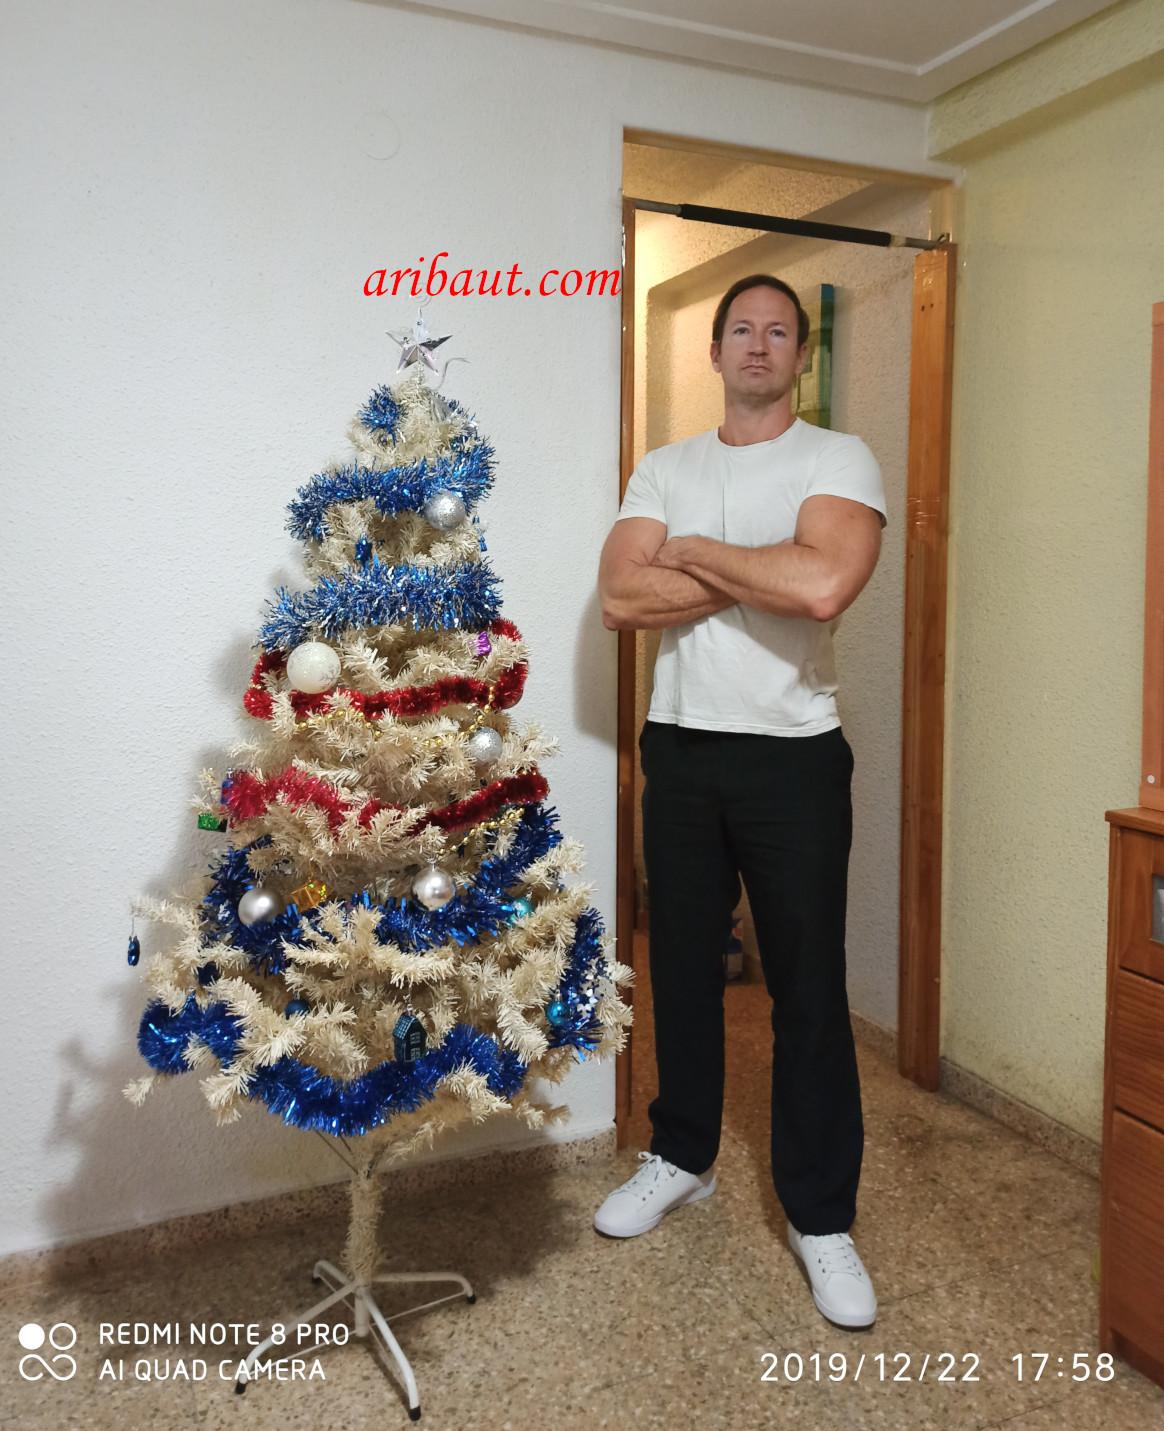 Joyeux noël, arbre de nöel chez moi à Paiporta, Valence, Espagne